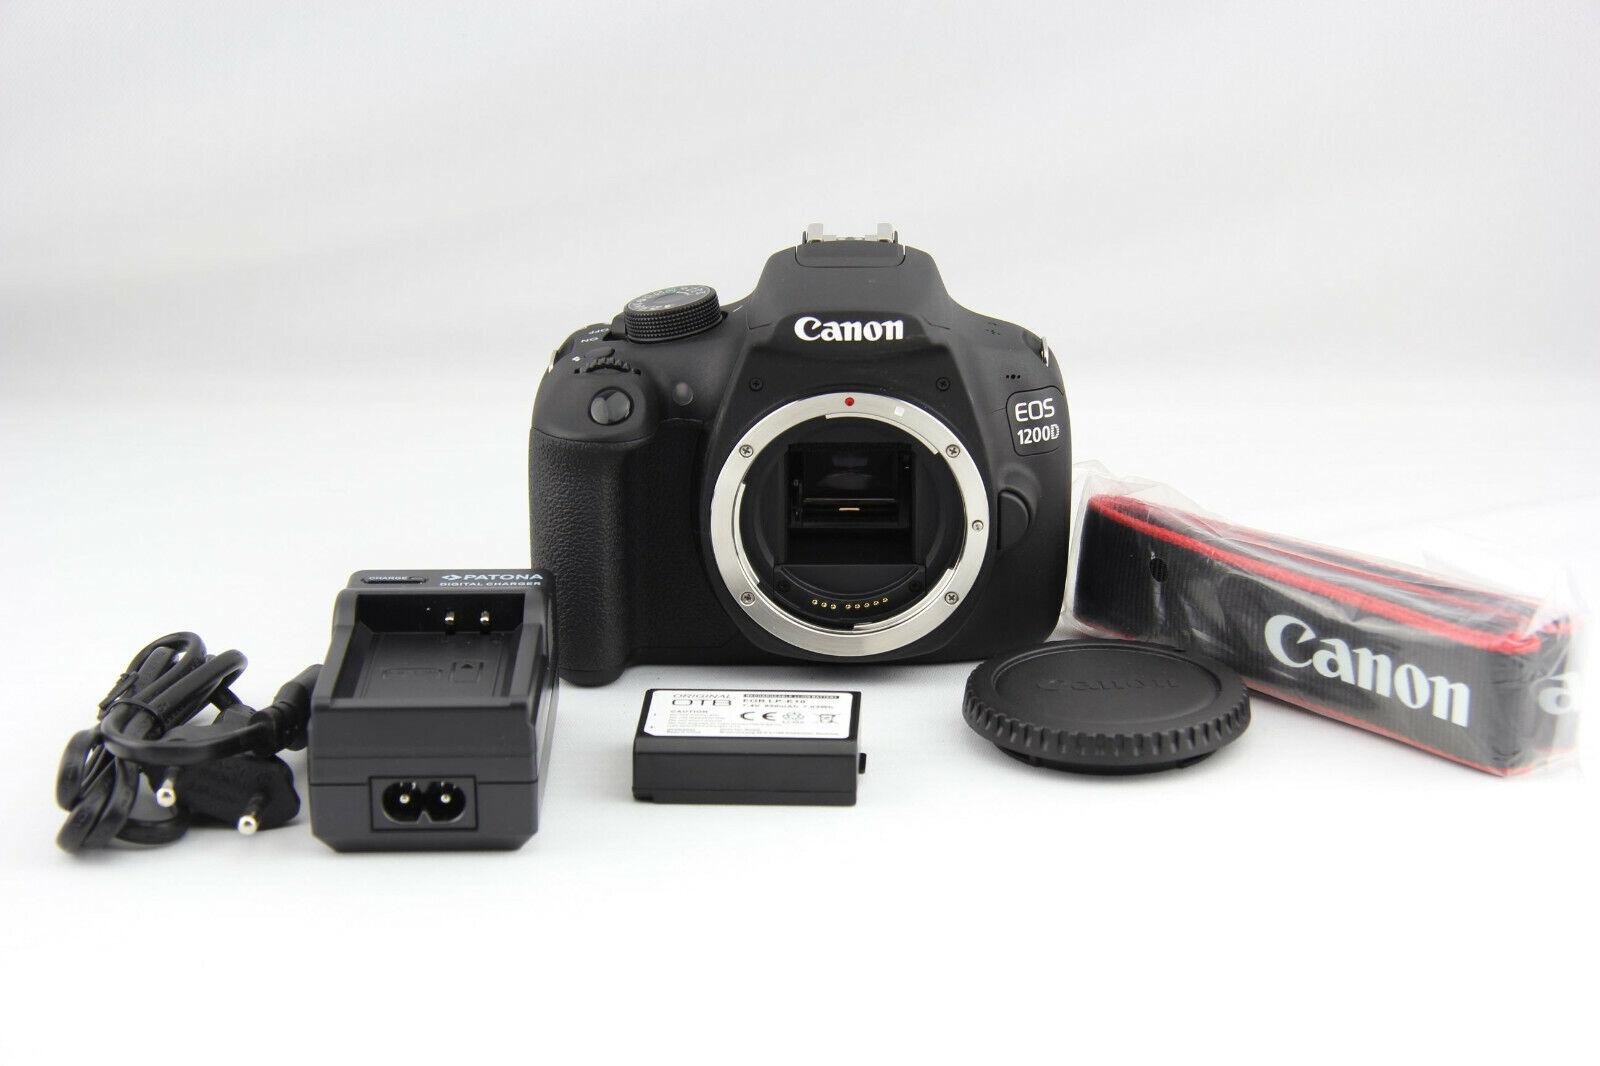 Canon EOS 1200D Body digitale Spiegelreflexkamera mit 9 Auslösungen # 7440